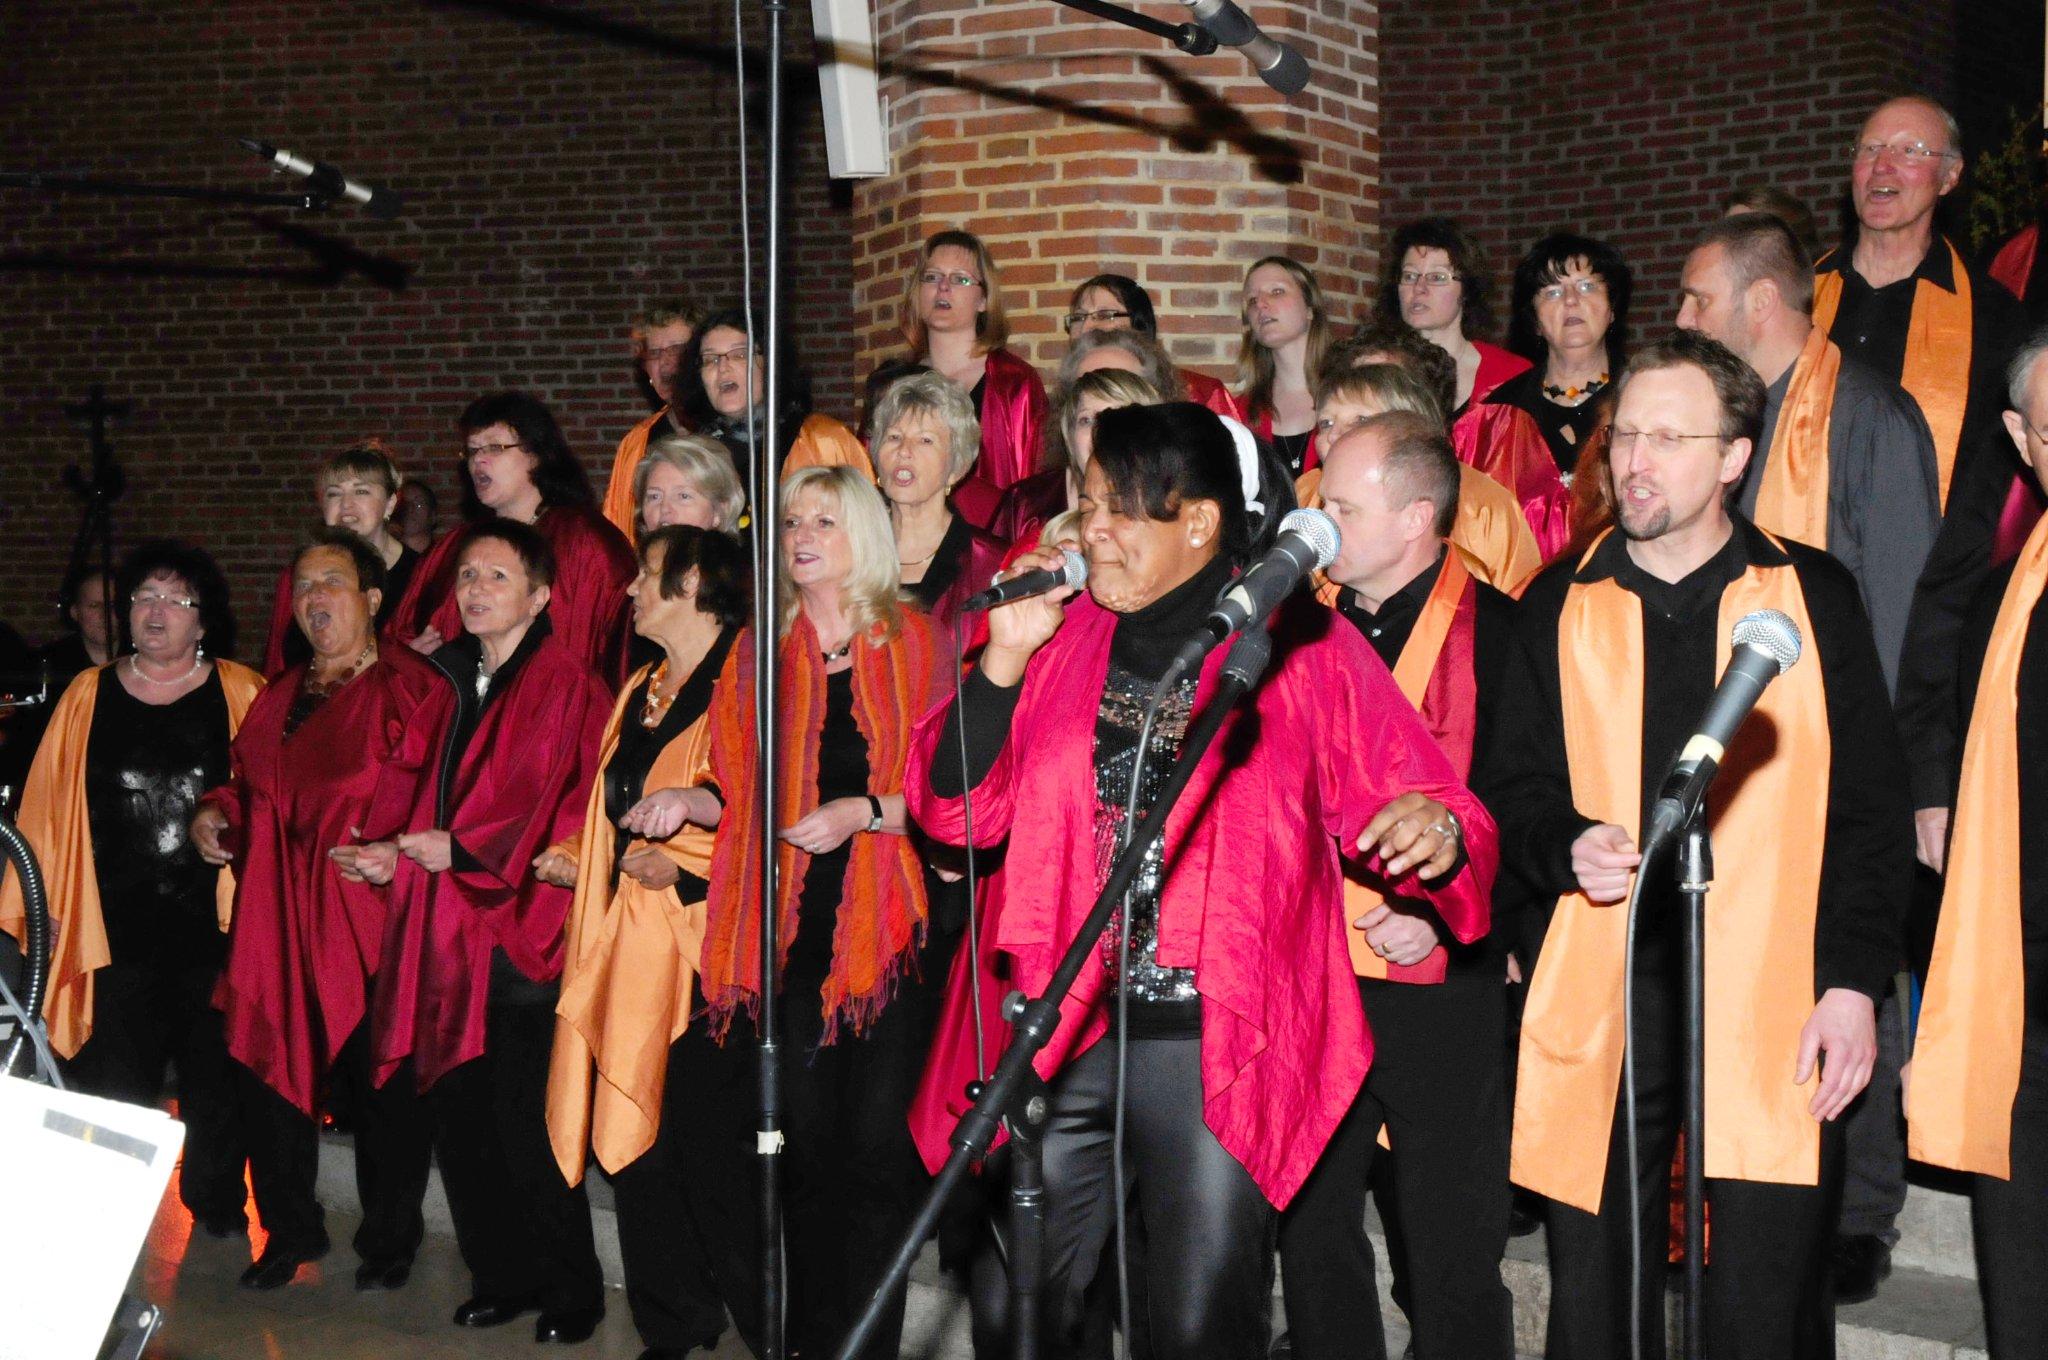 20120422 Reformations Gedaechtniskirche 068